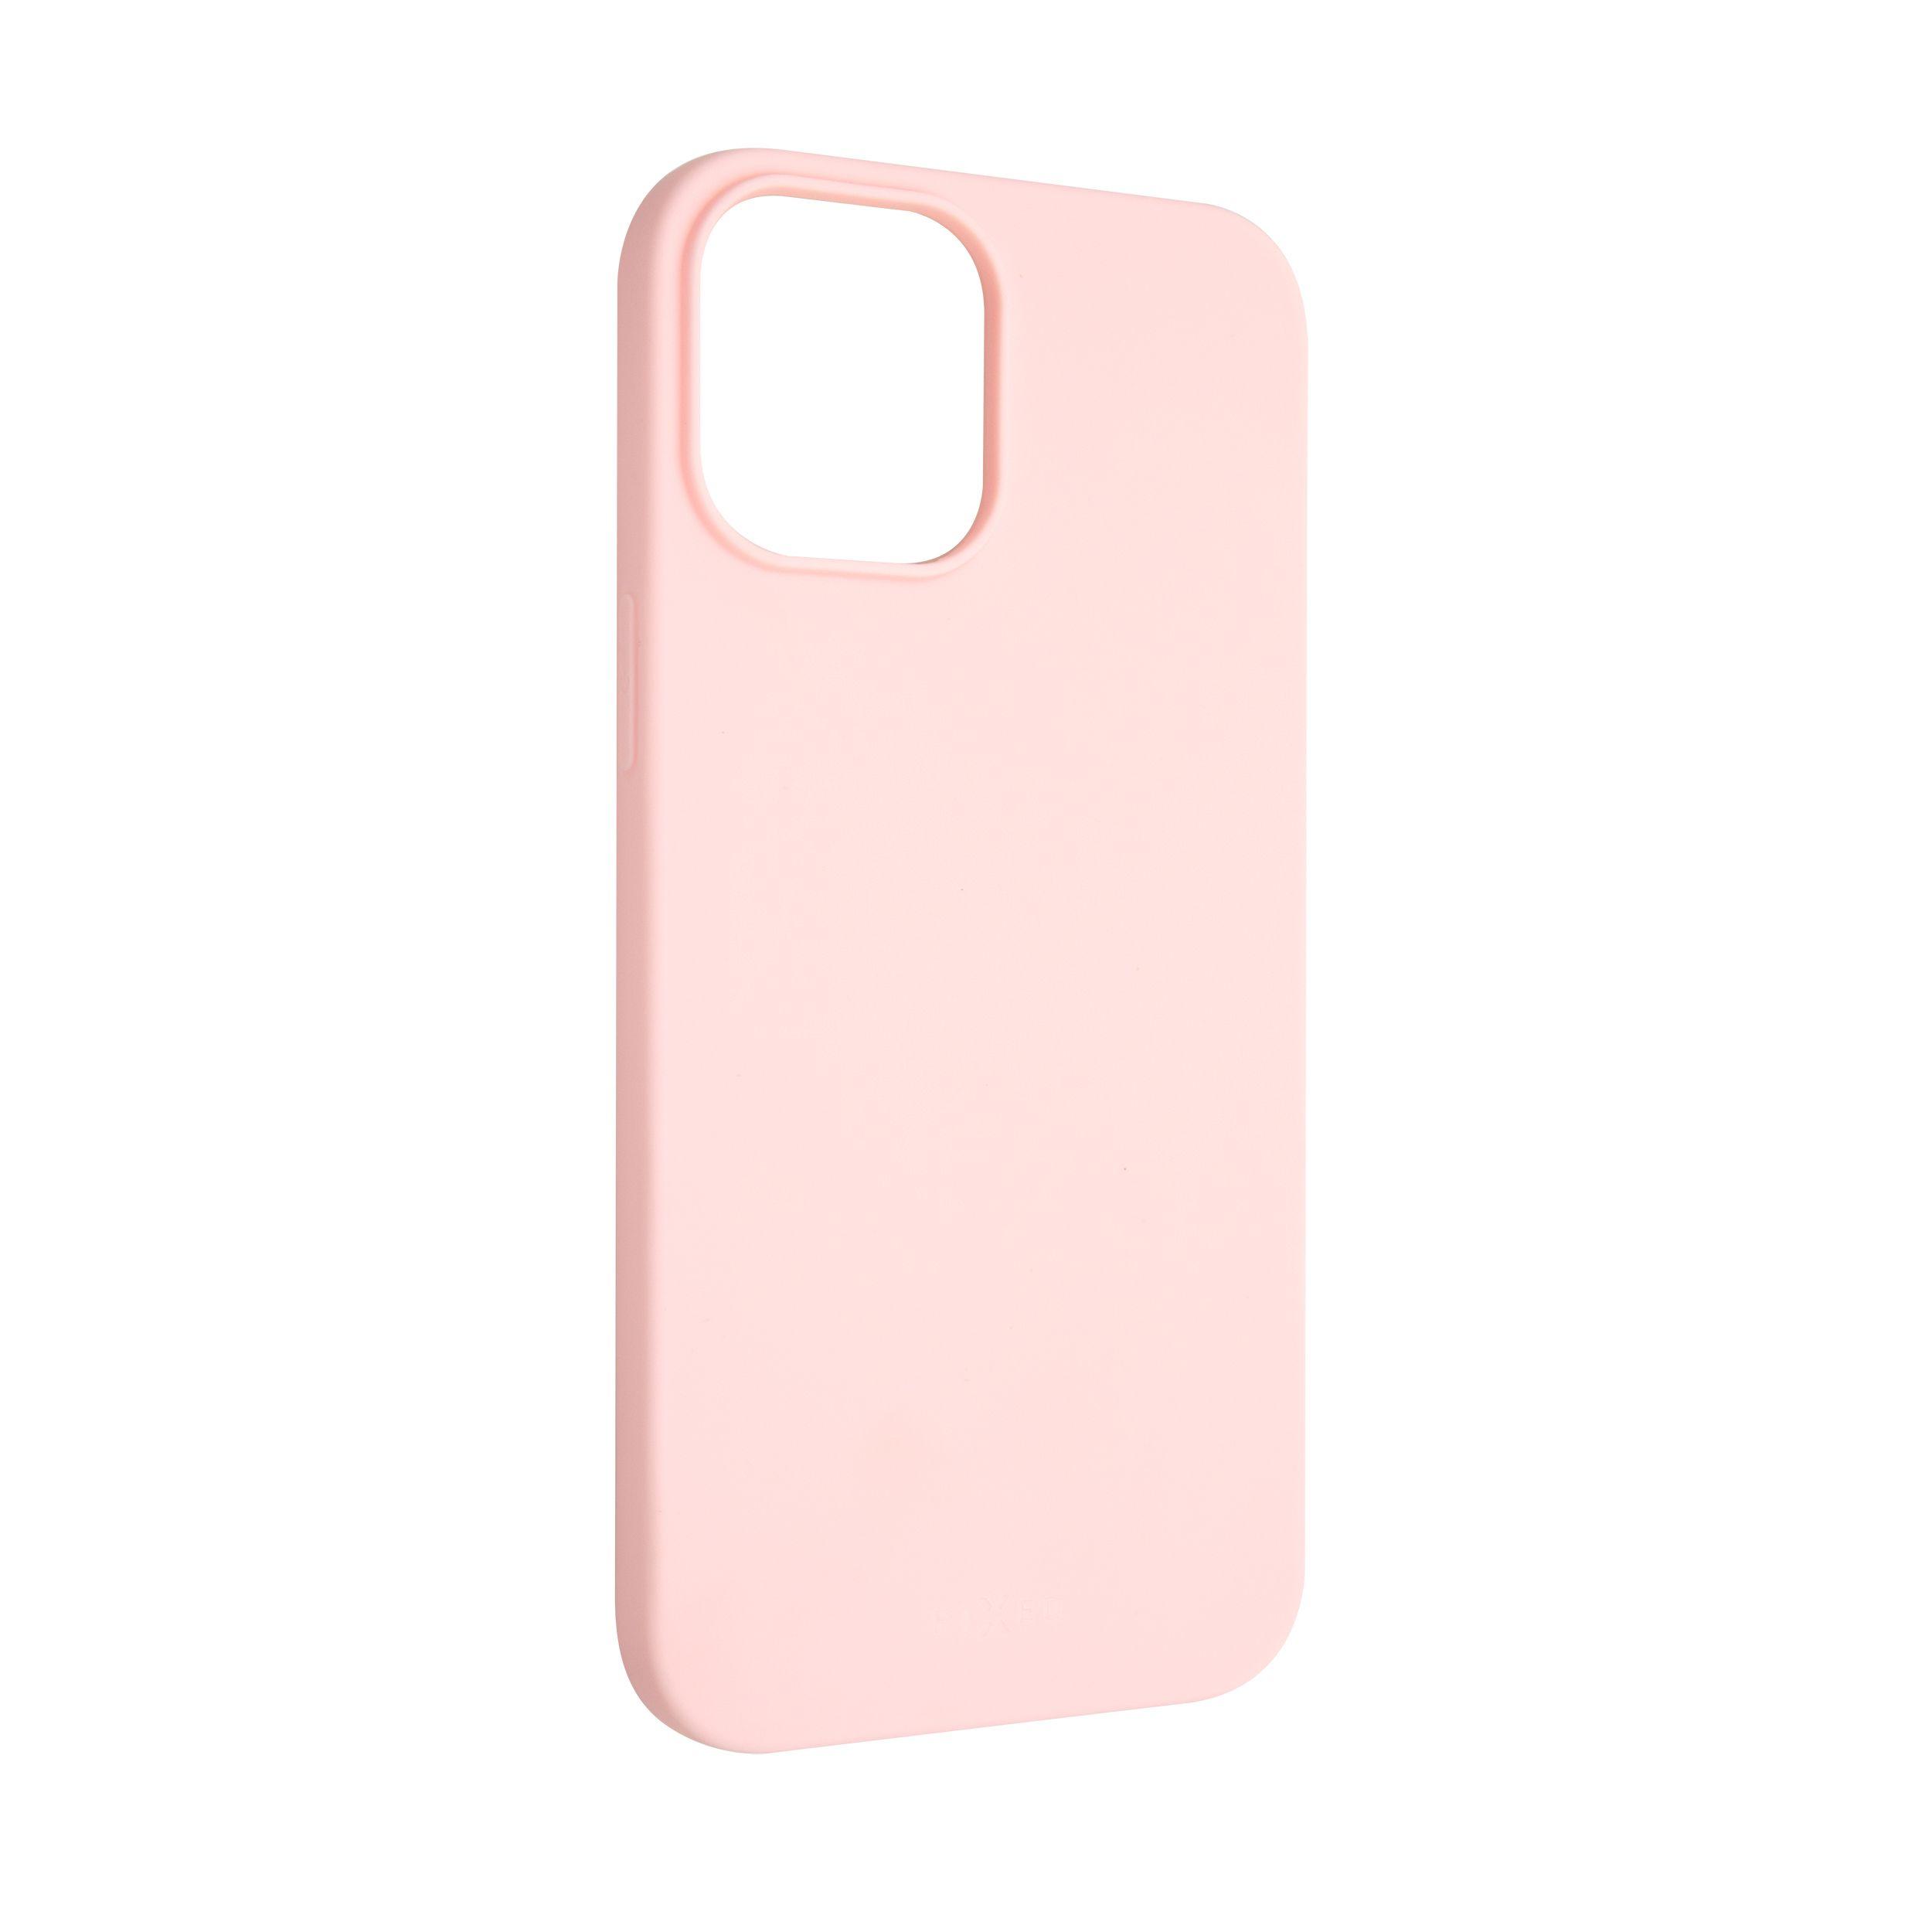 Zadní pogumovaný kryt FIXED Story pro Apple iPhone 12 Pro Max, růžový